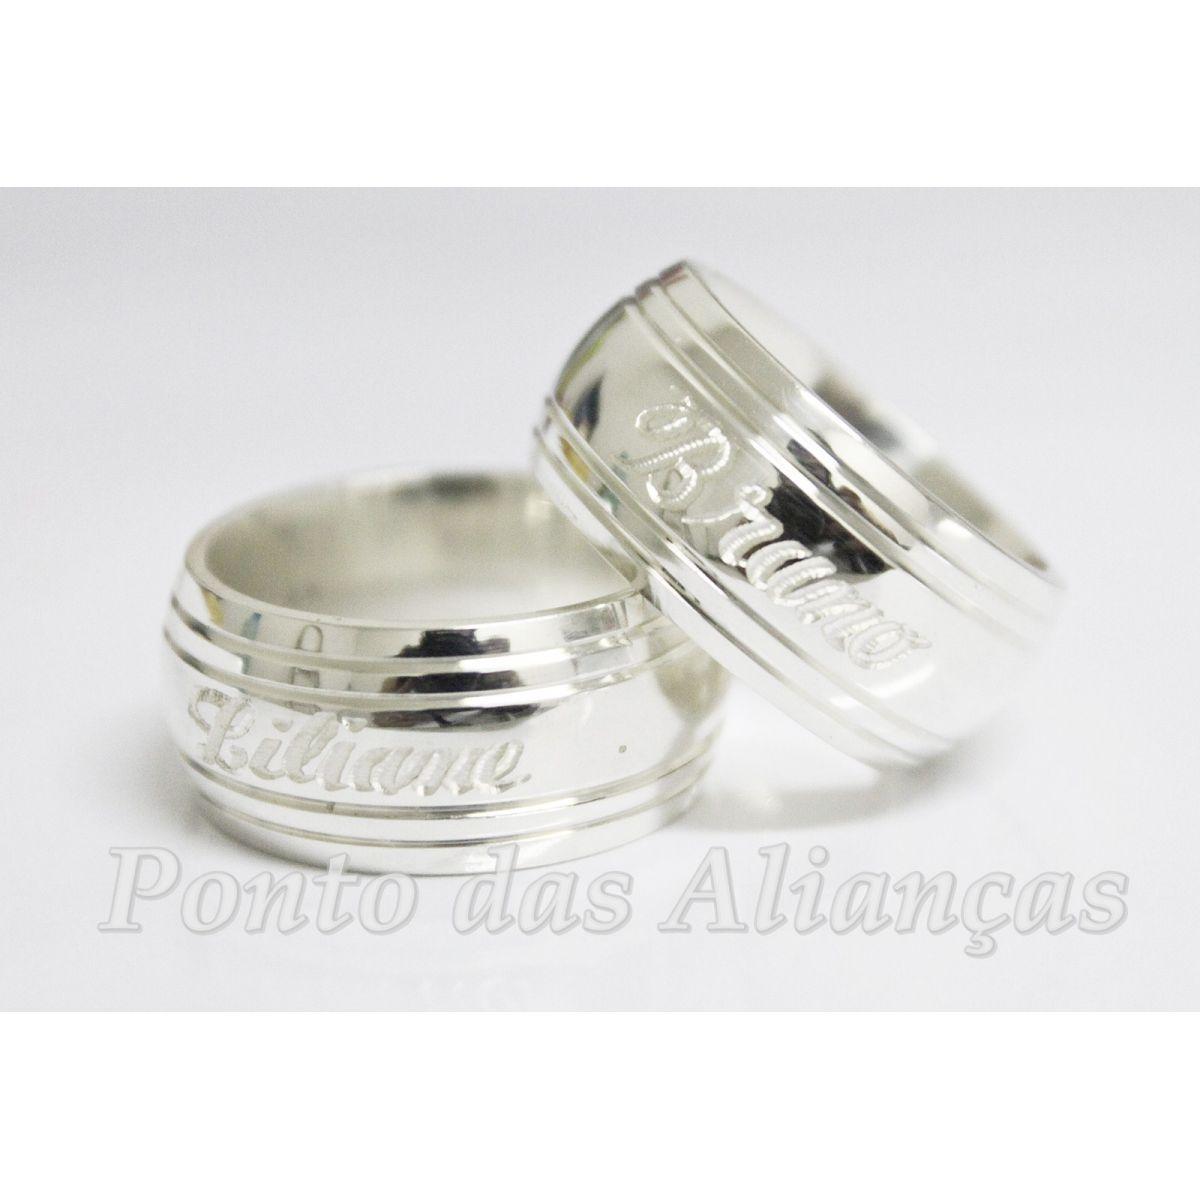 Alianças de Prata Compromisso - 3025